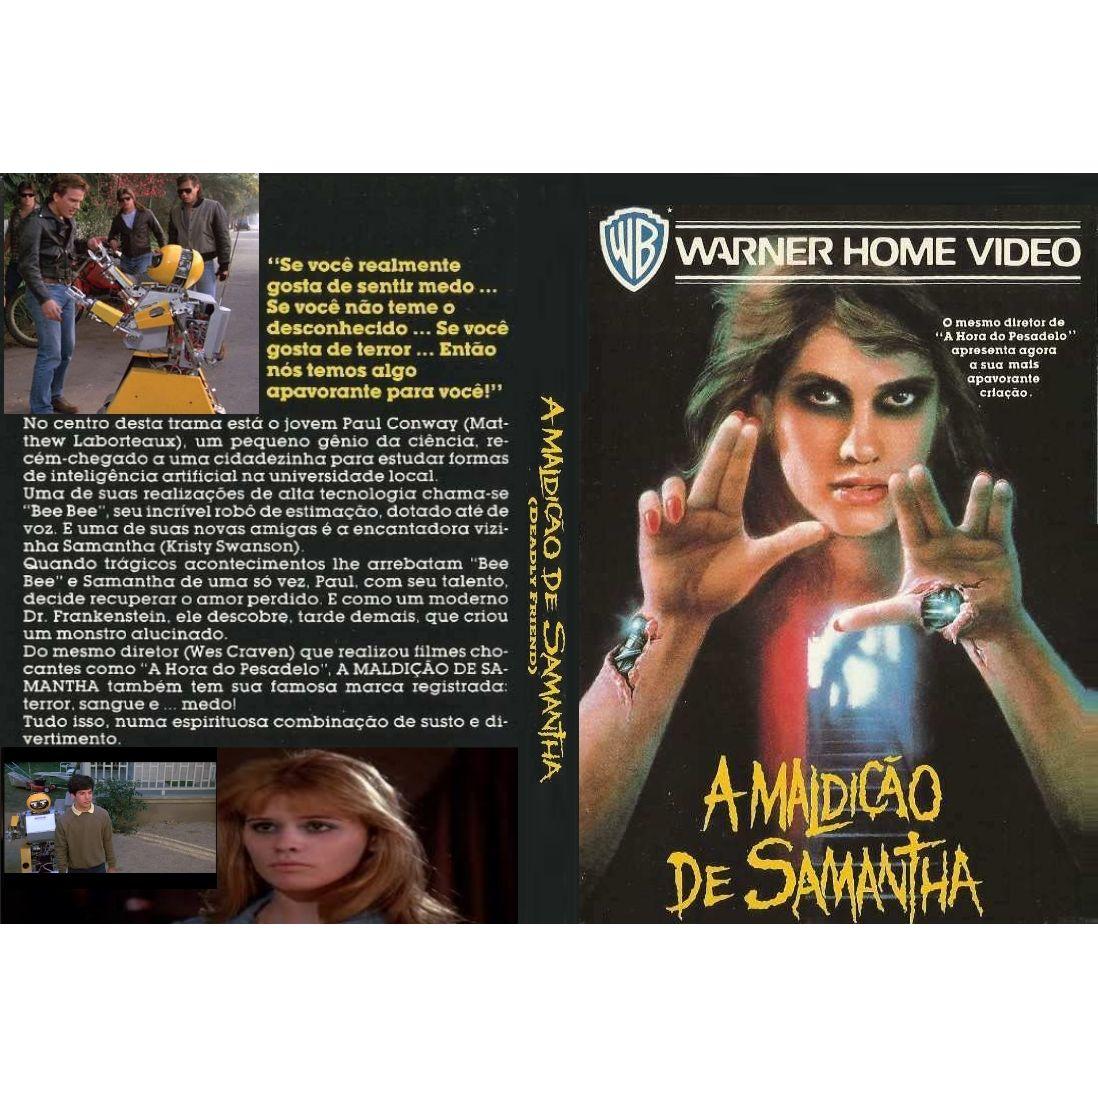 A Maldição de Samantha (1986)  - FILMES RAROS EM DVD